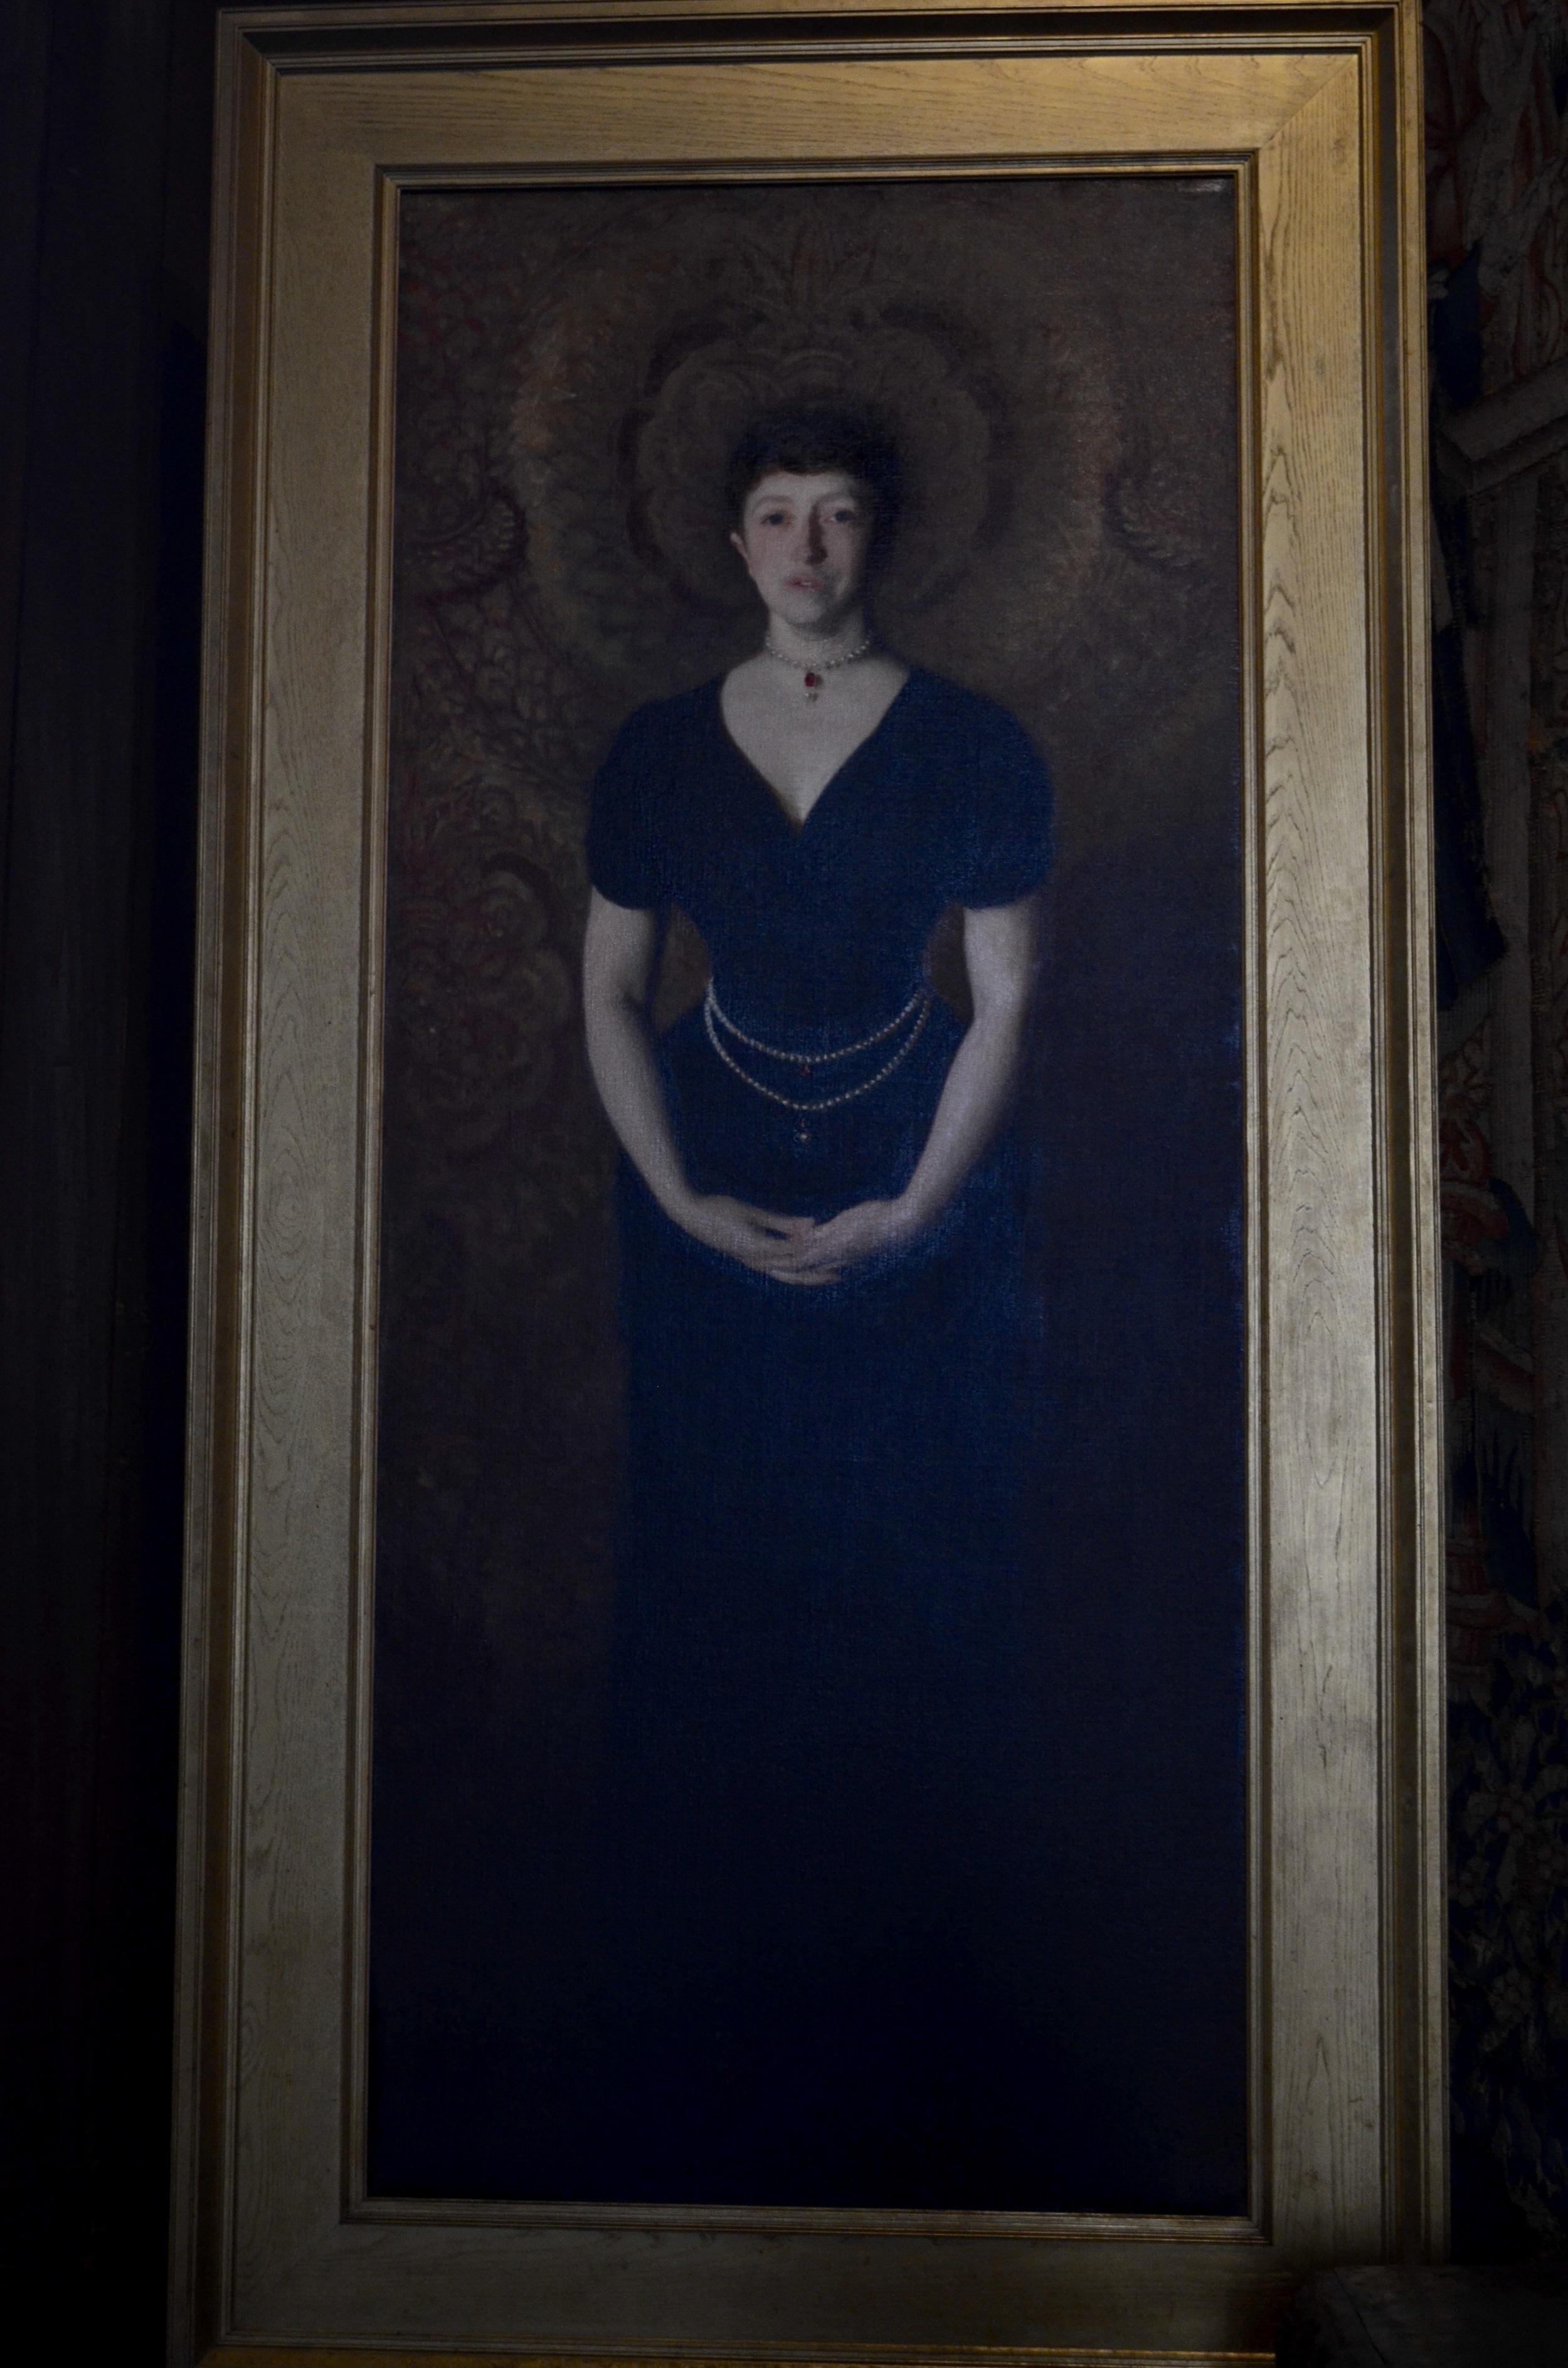 Portrait of Isabella Stewart Gardner herself, painted by her friend John Singer Sargent